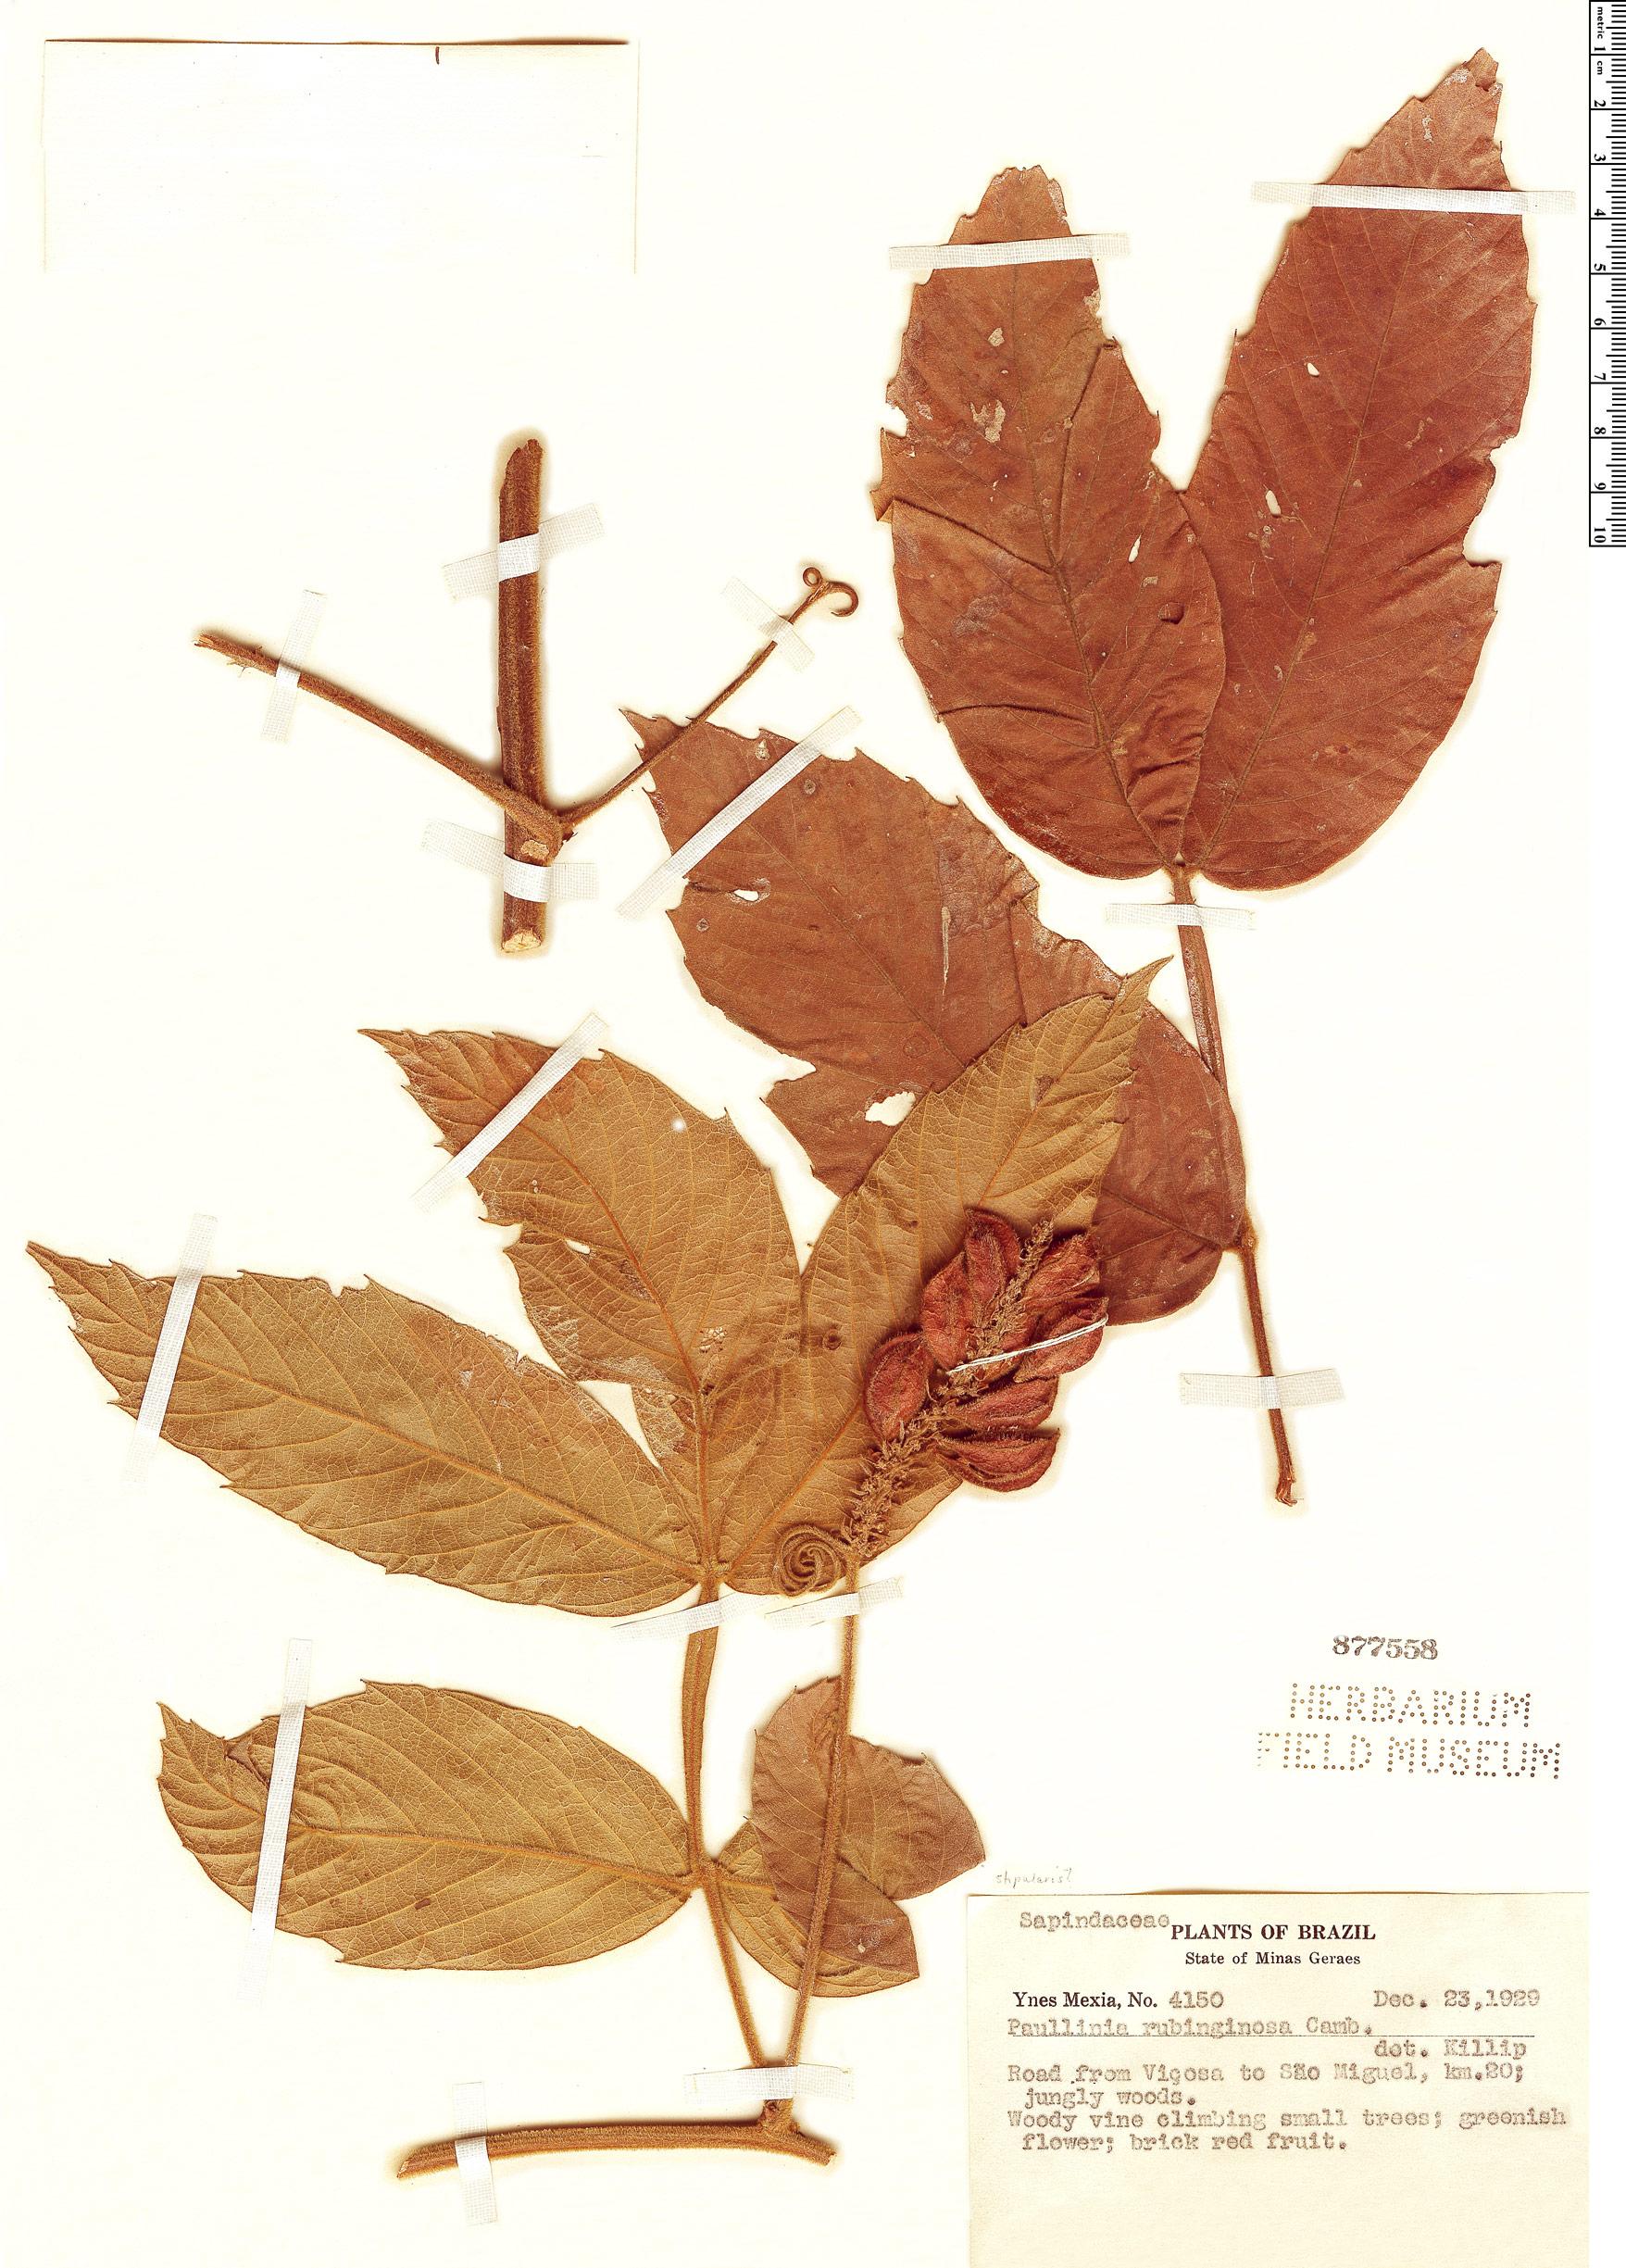 Specimen: Paullinia rubiginosa